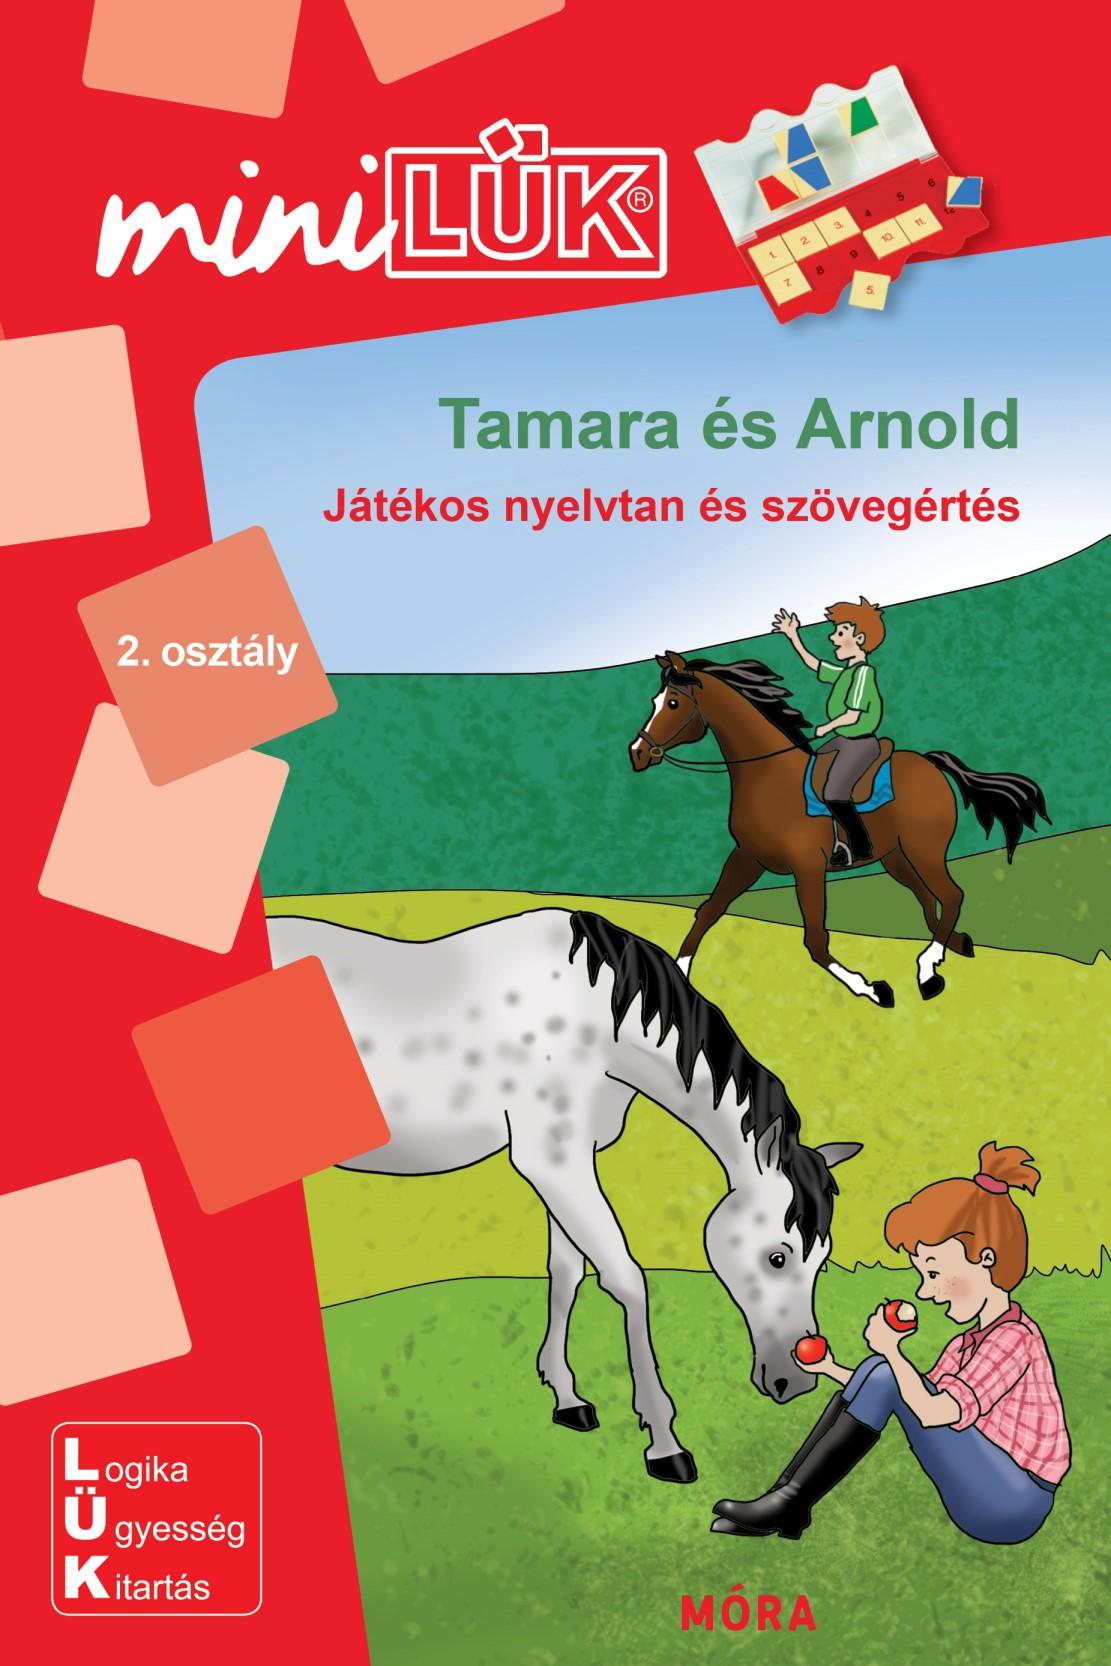 Tamara és Arnold - Játékos nyelvtan és szövegértés - MiniLÜK - Móra EDU